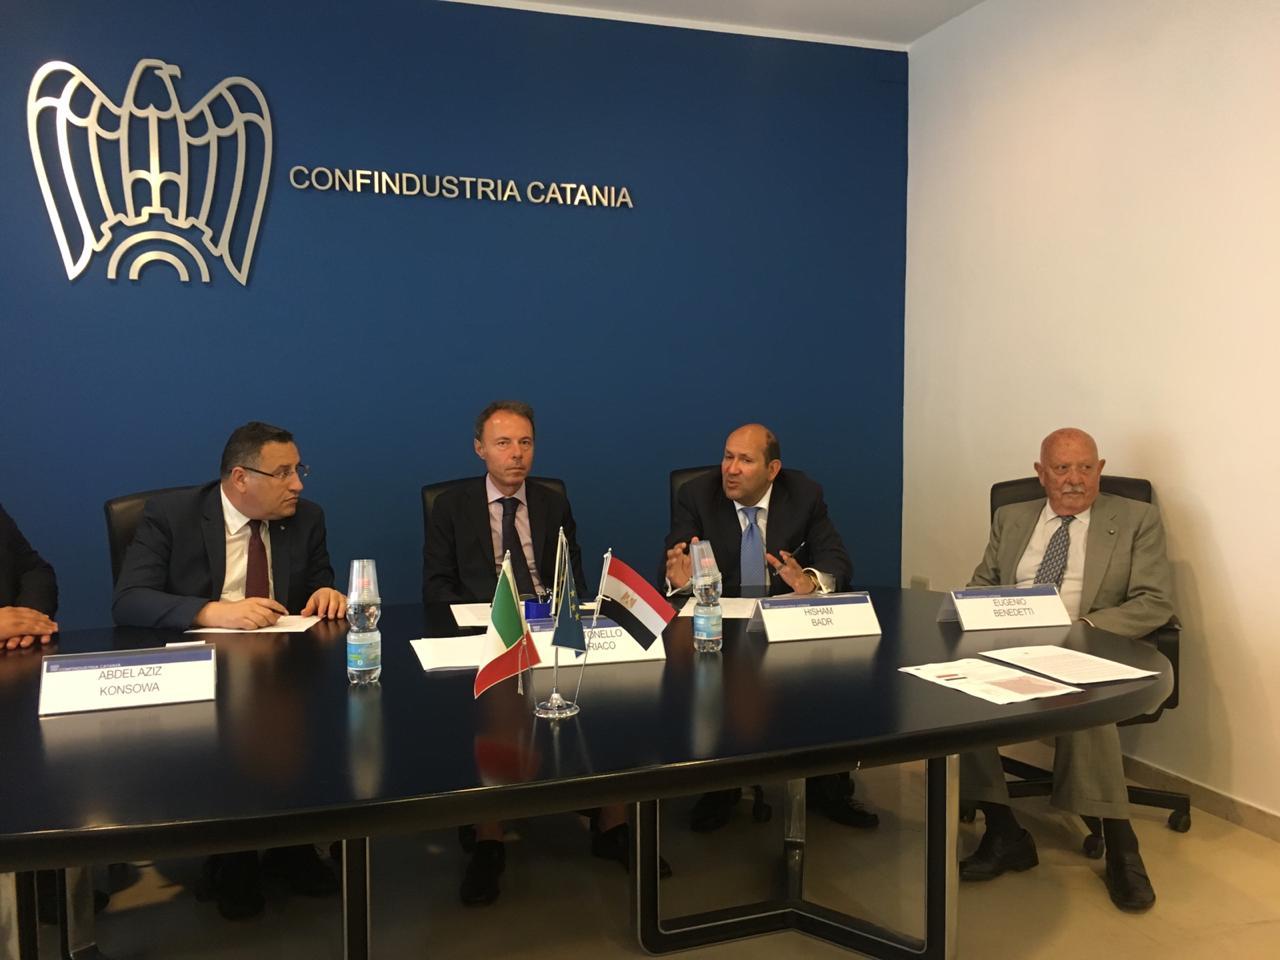 محافظ الاسكندرية يبحث تعزيز الاستثمار مع  اتحاد الصناعات بصقلية (2)